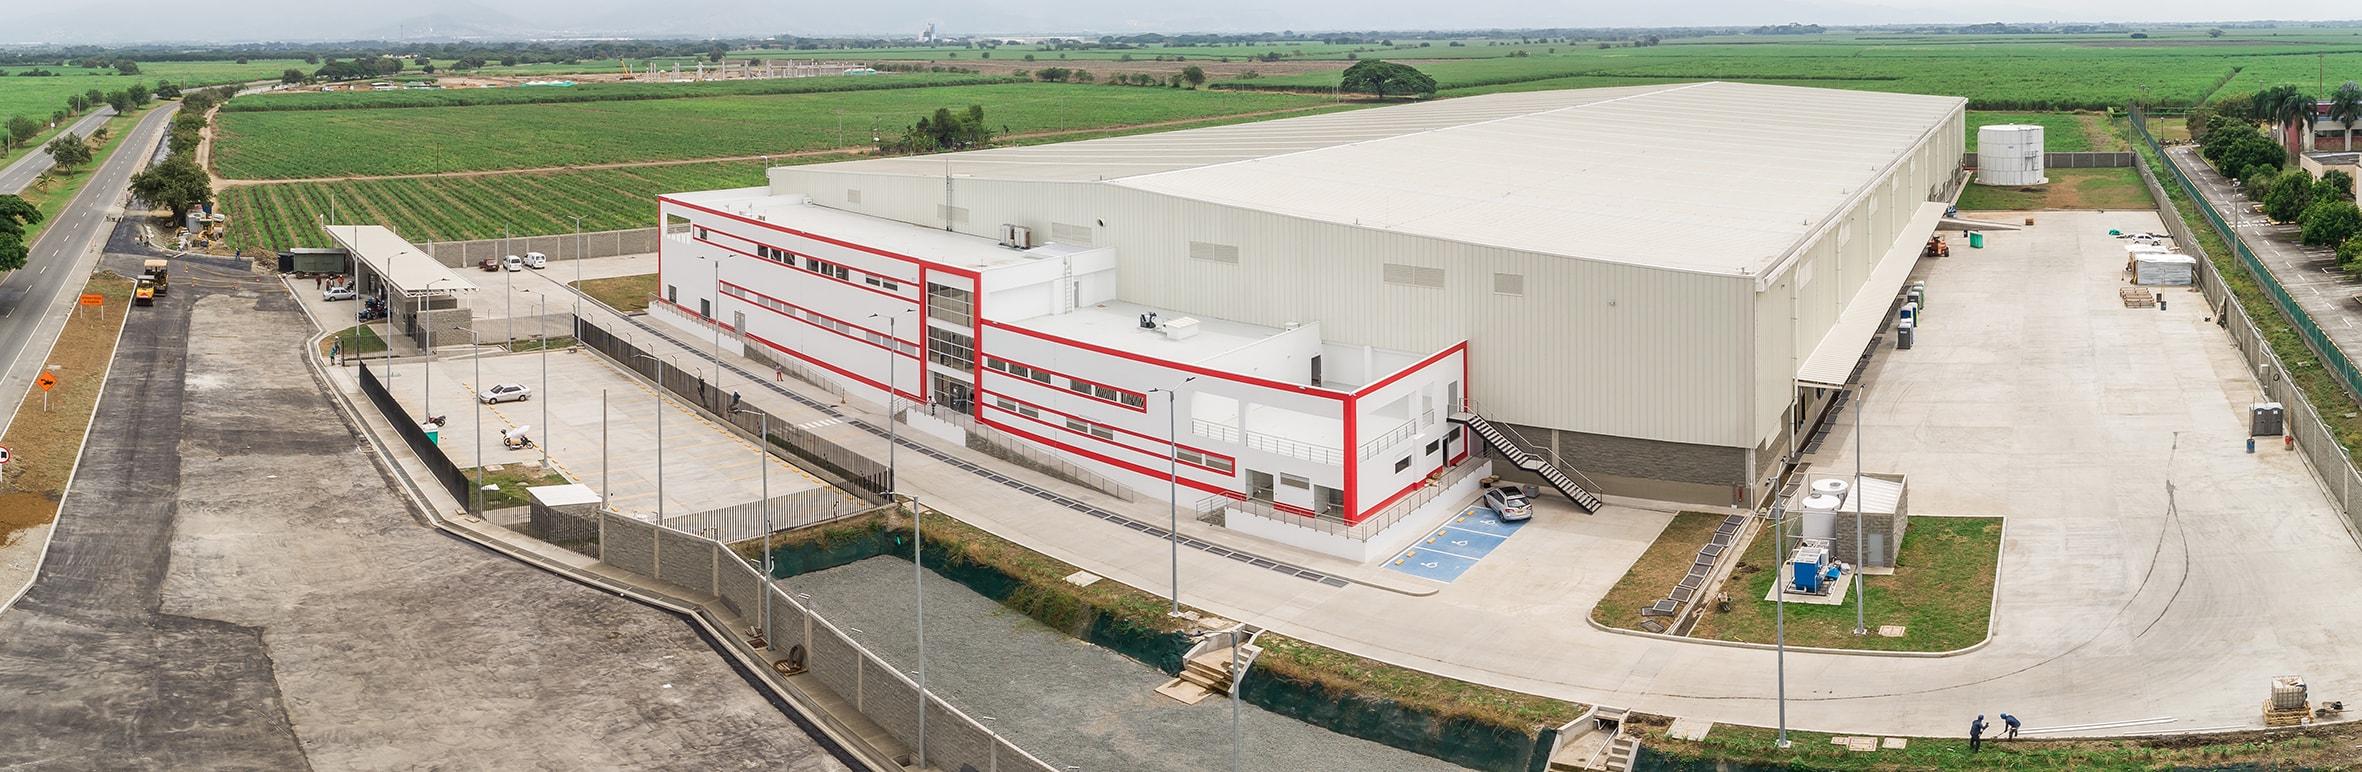 Colombia LG Electronics invierte USD 11 millones en centro logístico cercano a zona portuaria de Buenaventura